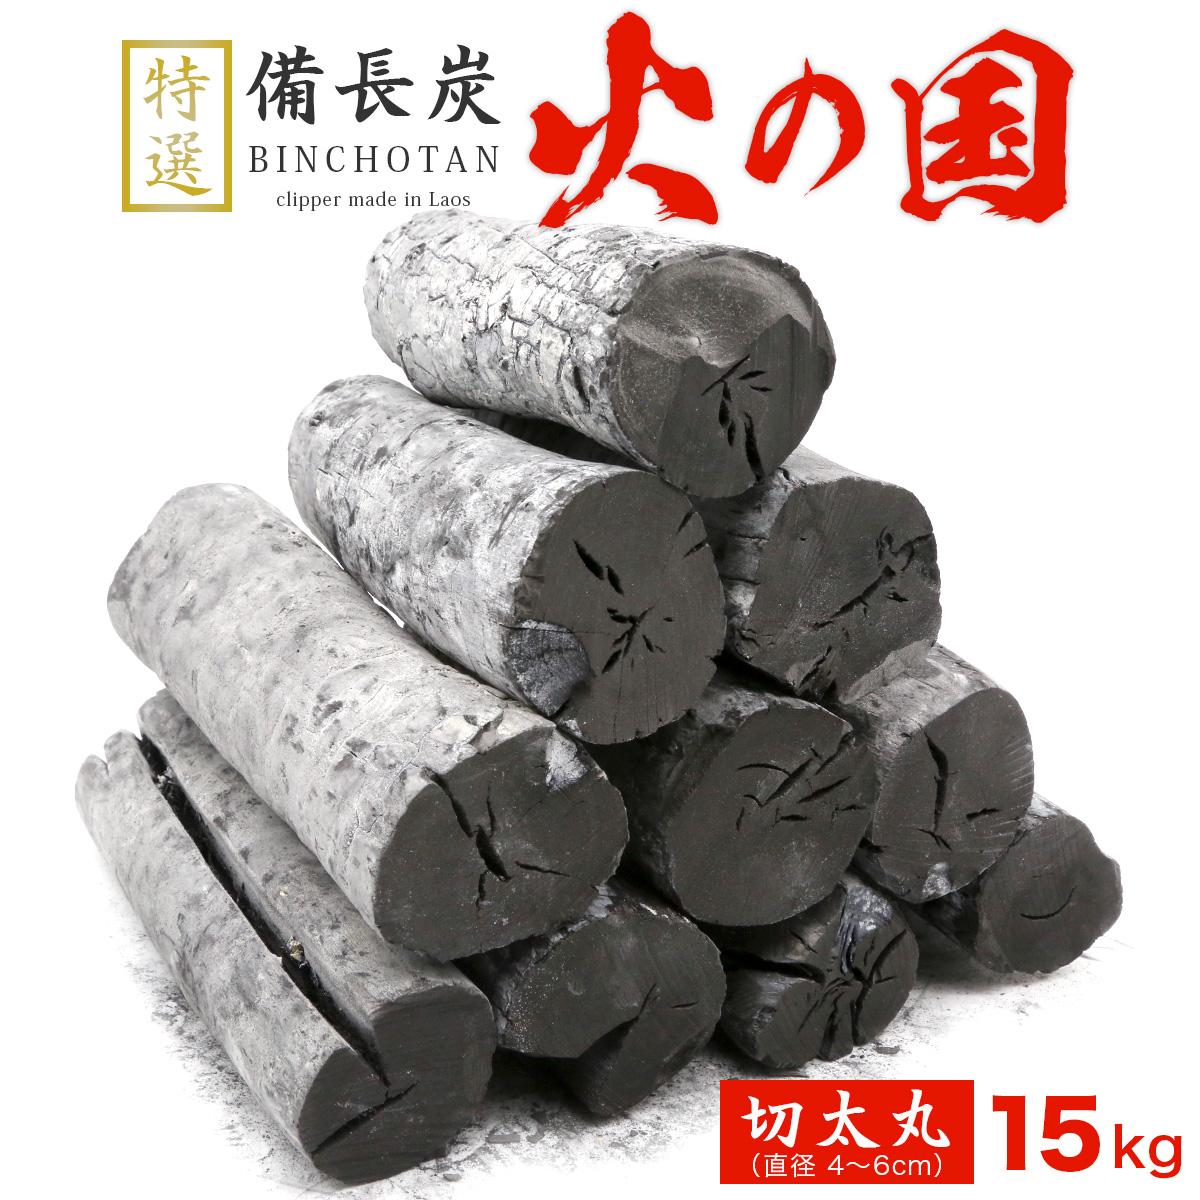 火の国備長炭(ラオス産) 切太丸 15kg 長さ 11〜19cm / 直径 4〜6cm Mサイズ(焼肉)